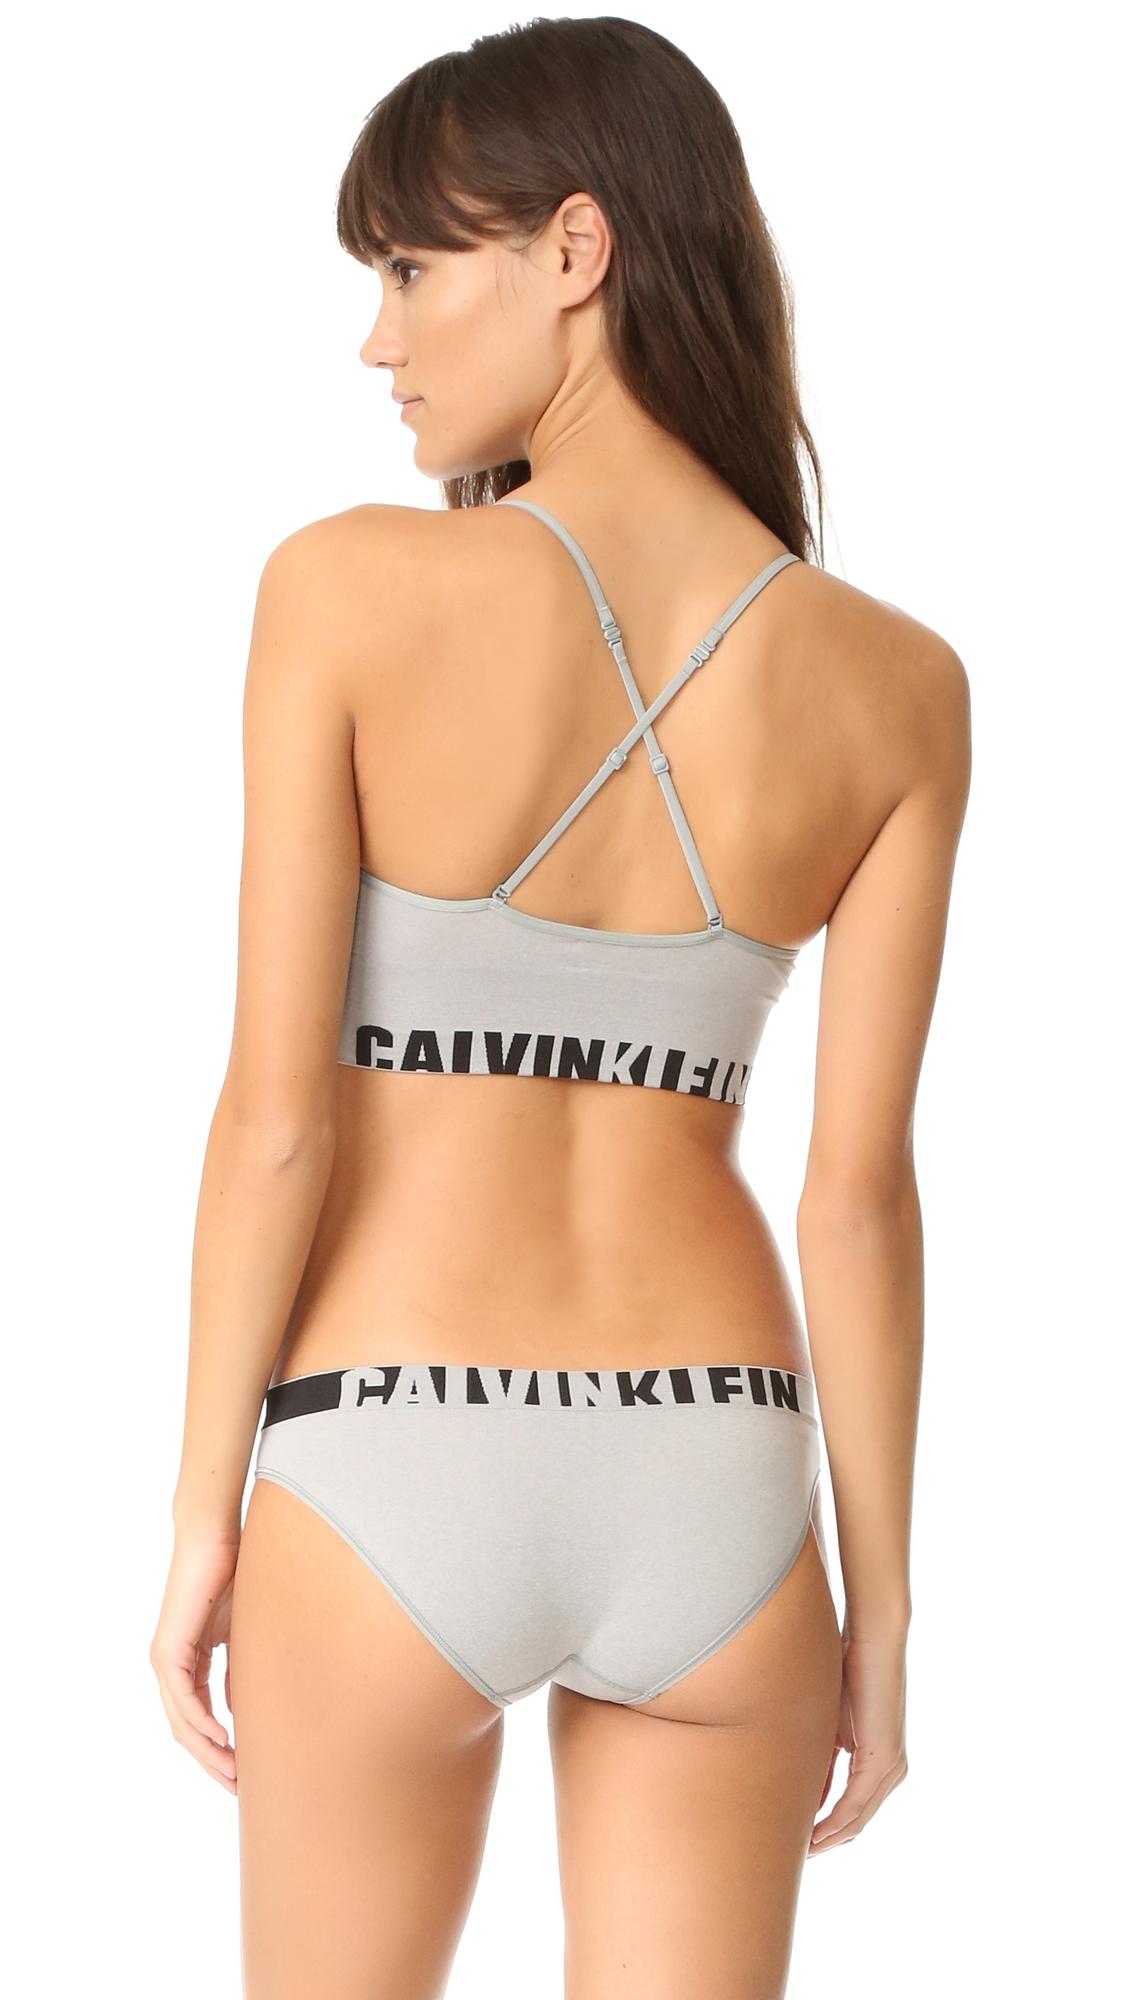 0befca57d7db4 Calvin Klein Underwear Seamless Logo Multi Way Bralette